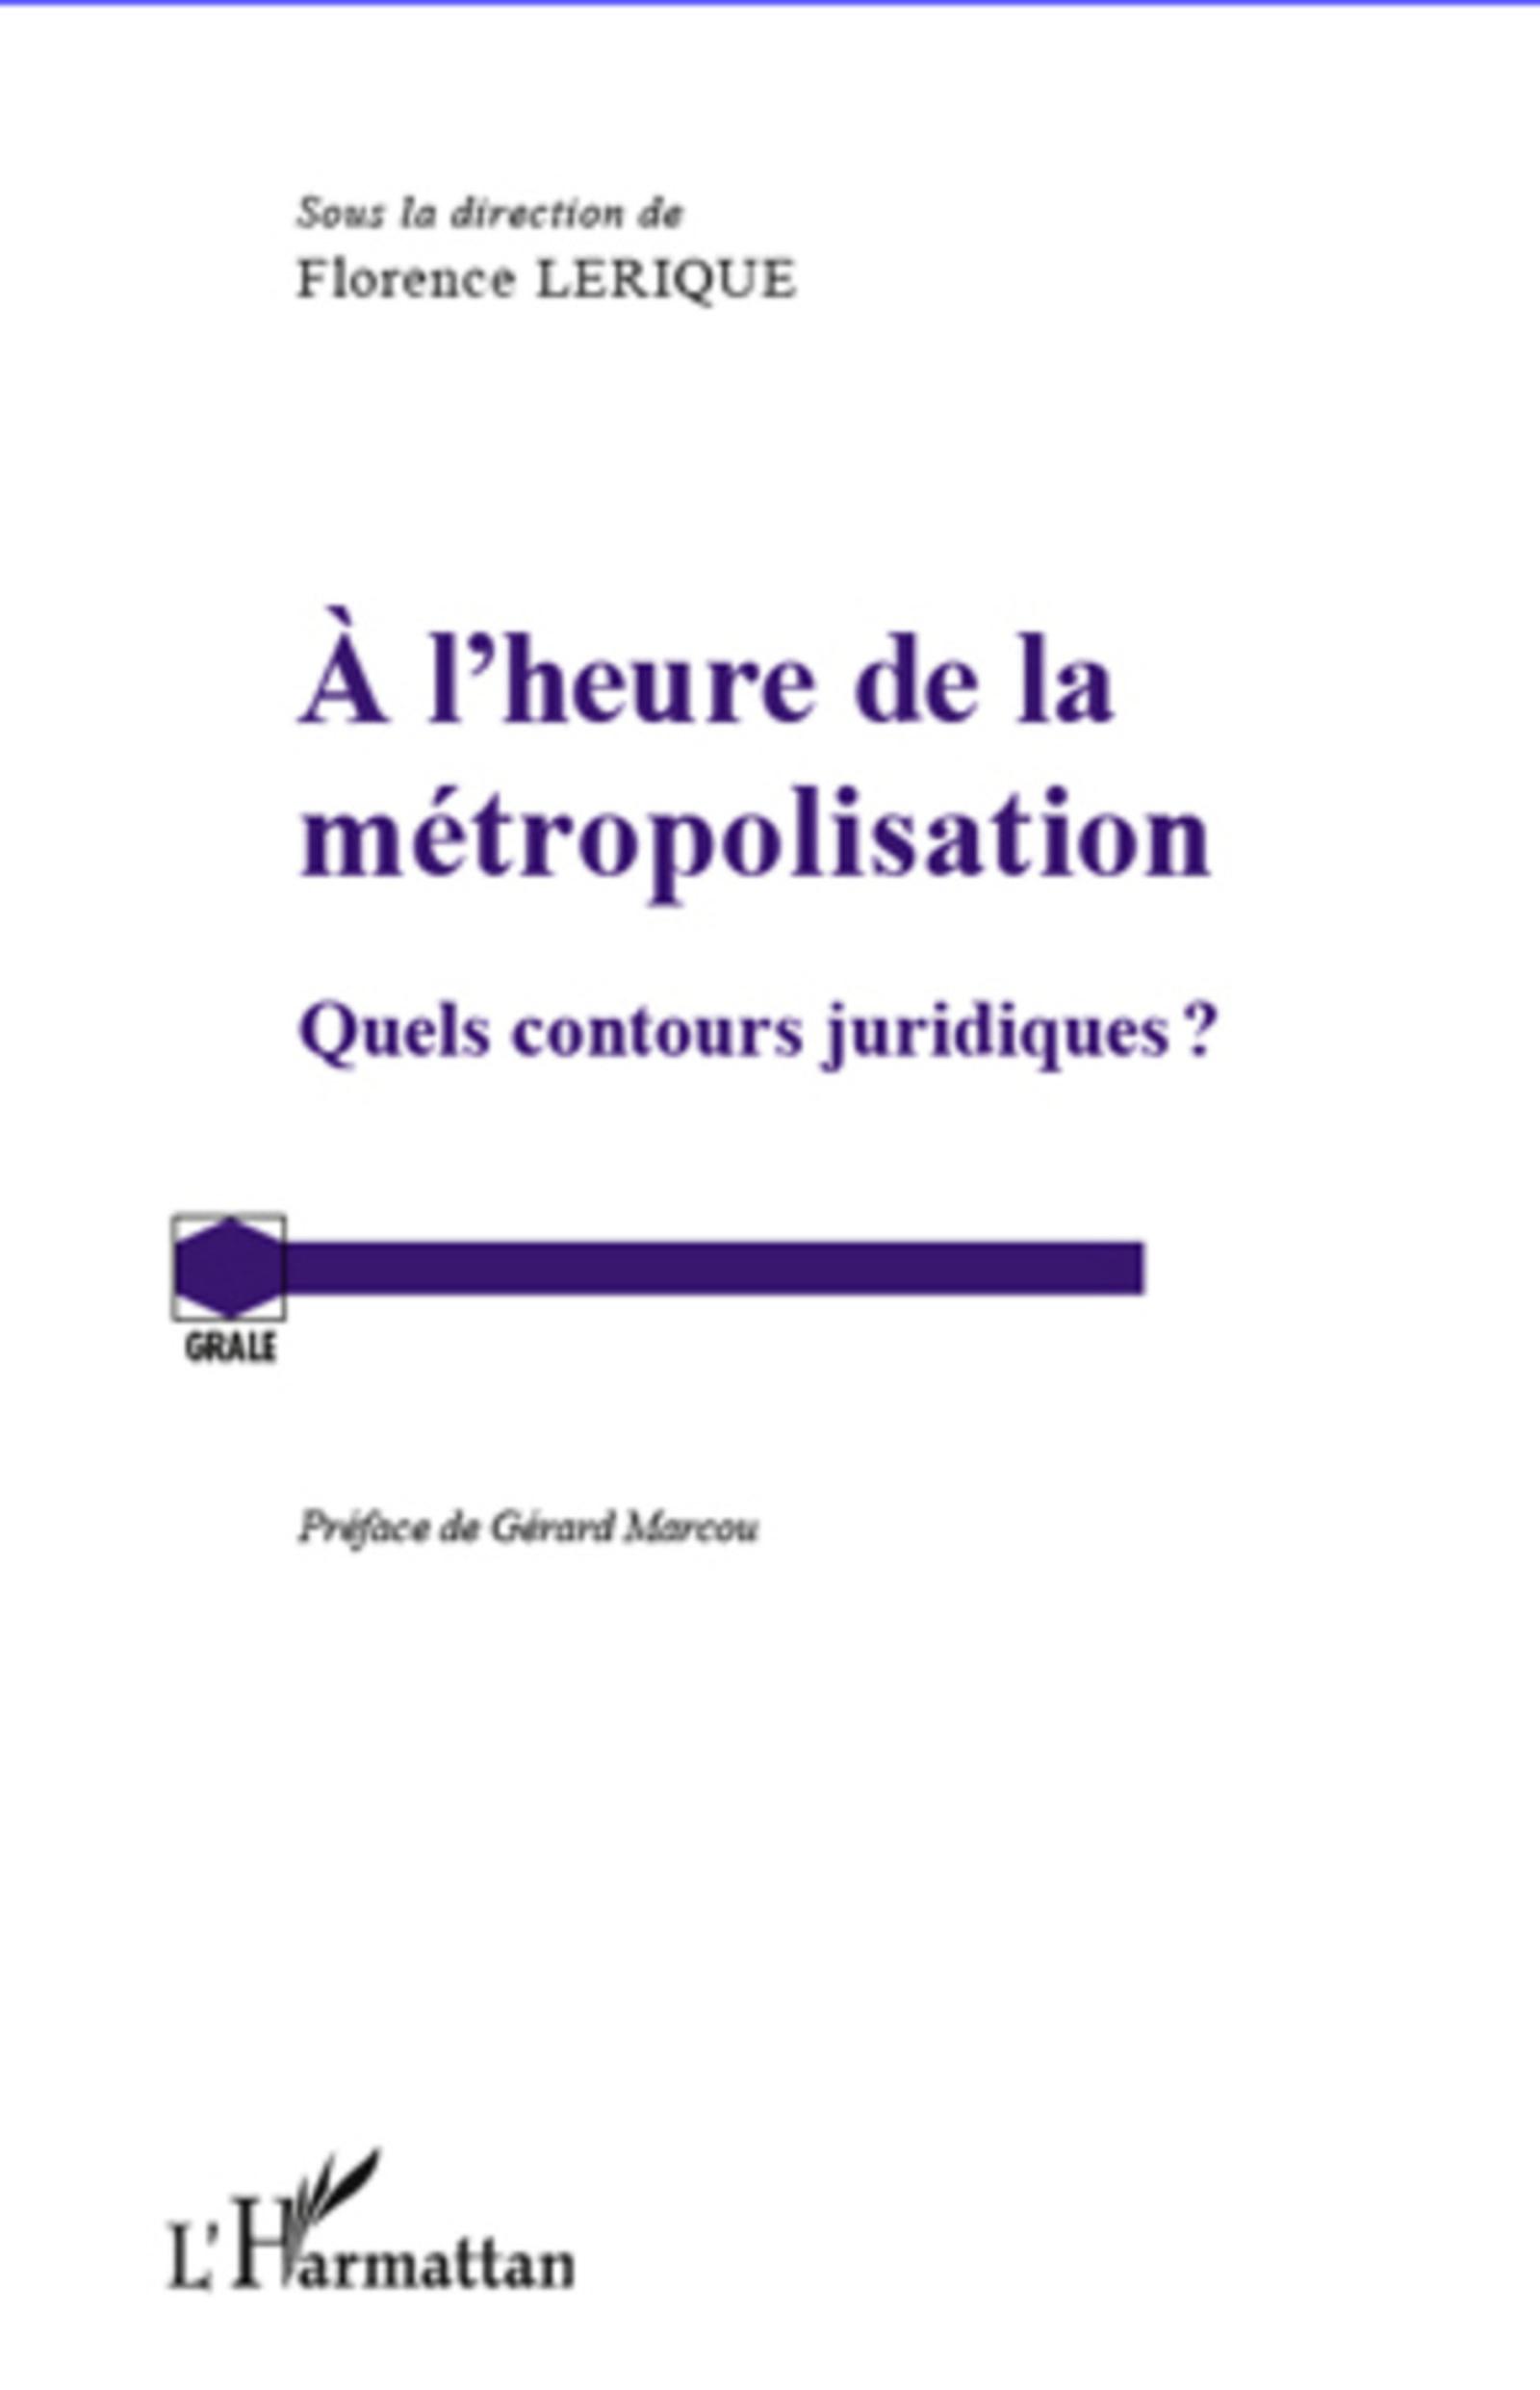 à l'heure de la métropolisation ; quels contours juridiques ?